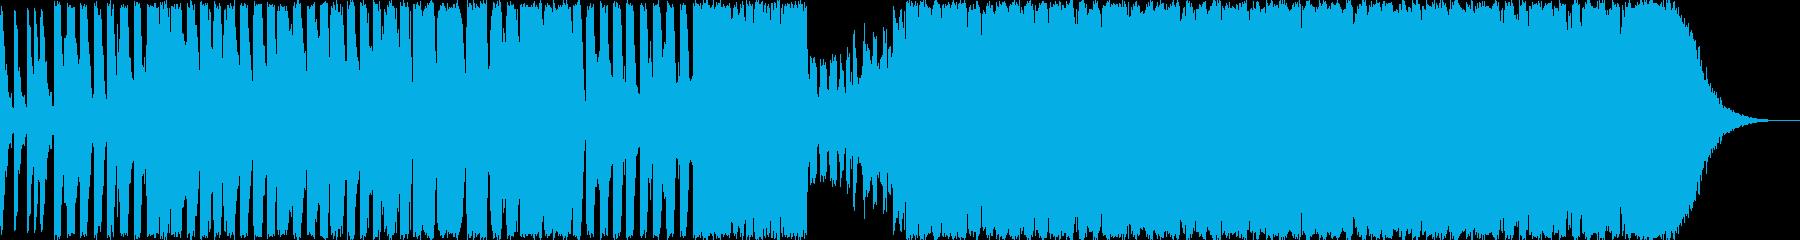 和風ダンスミュージック?の再生済みの波形